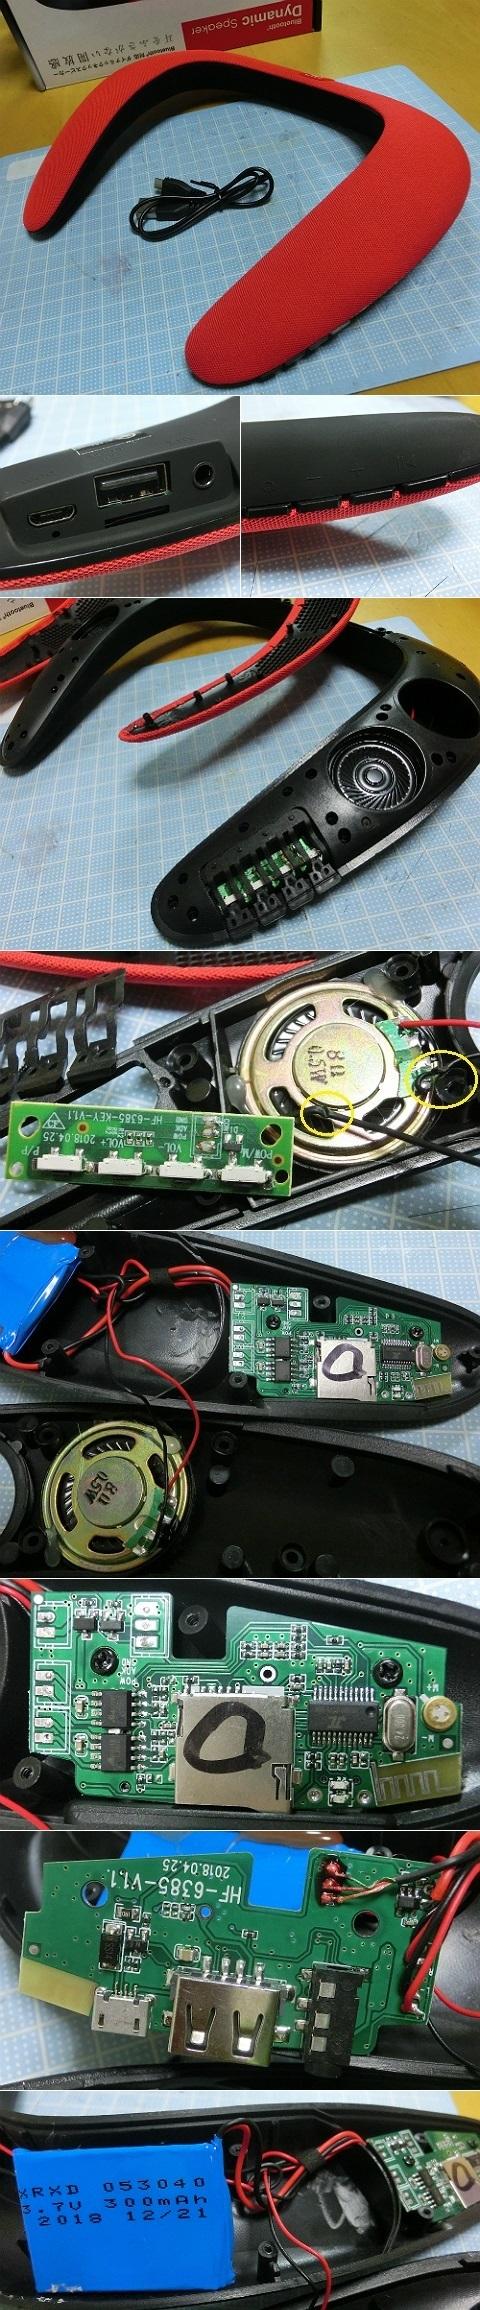 Bluetooth対応 ダイナミックネックスピーカー